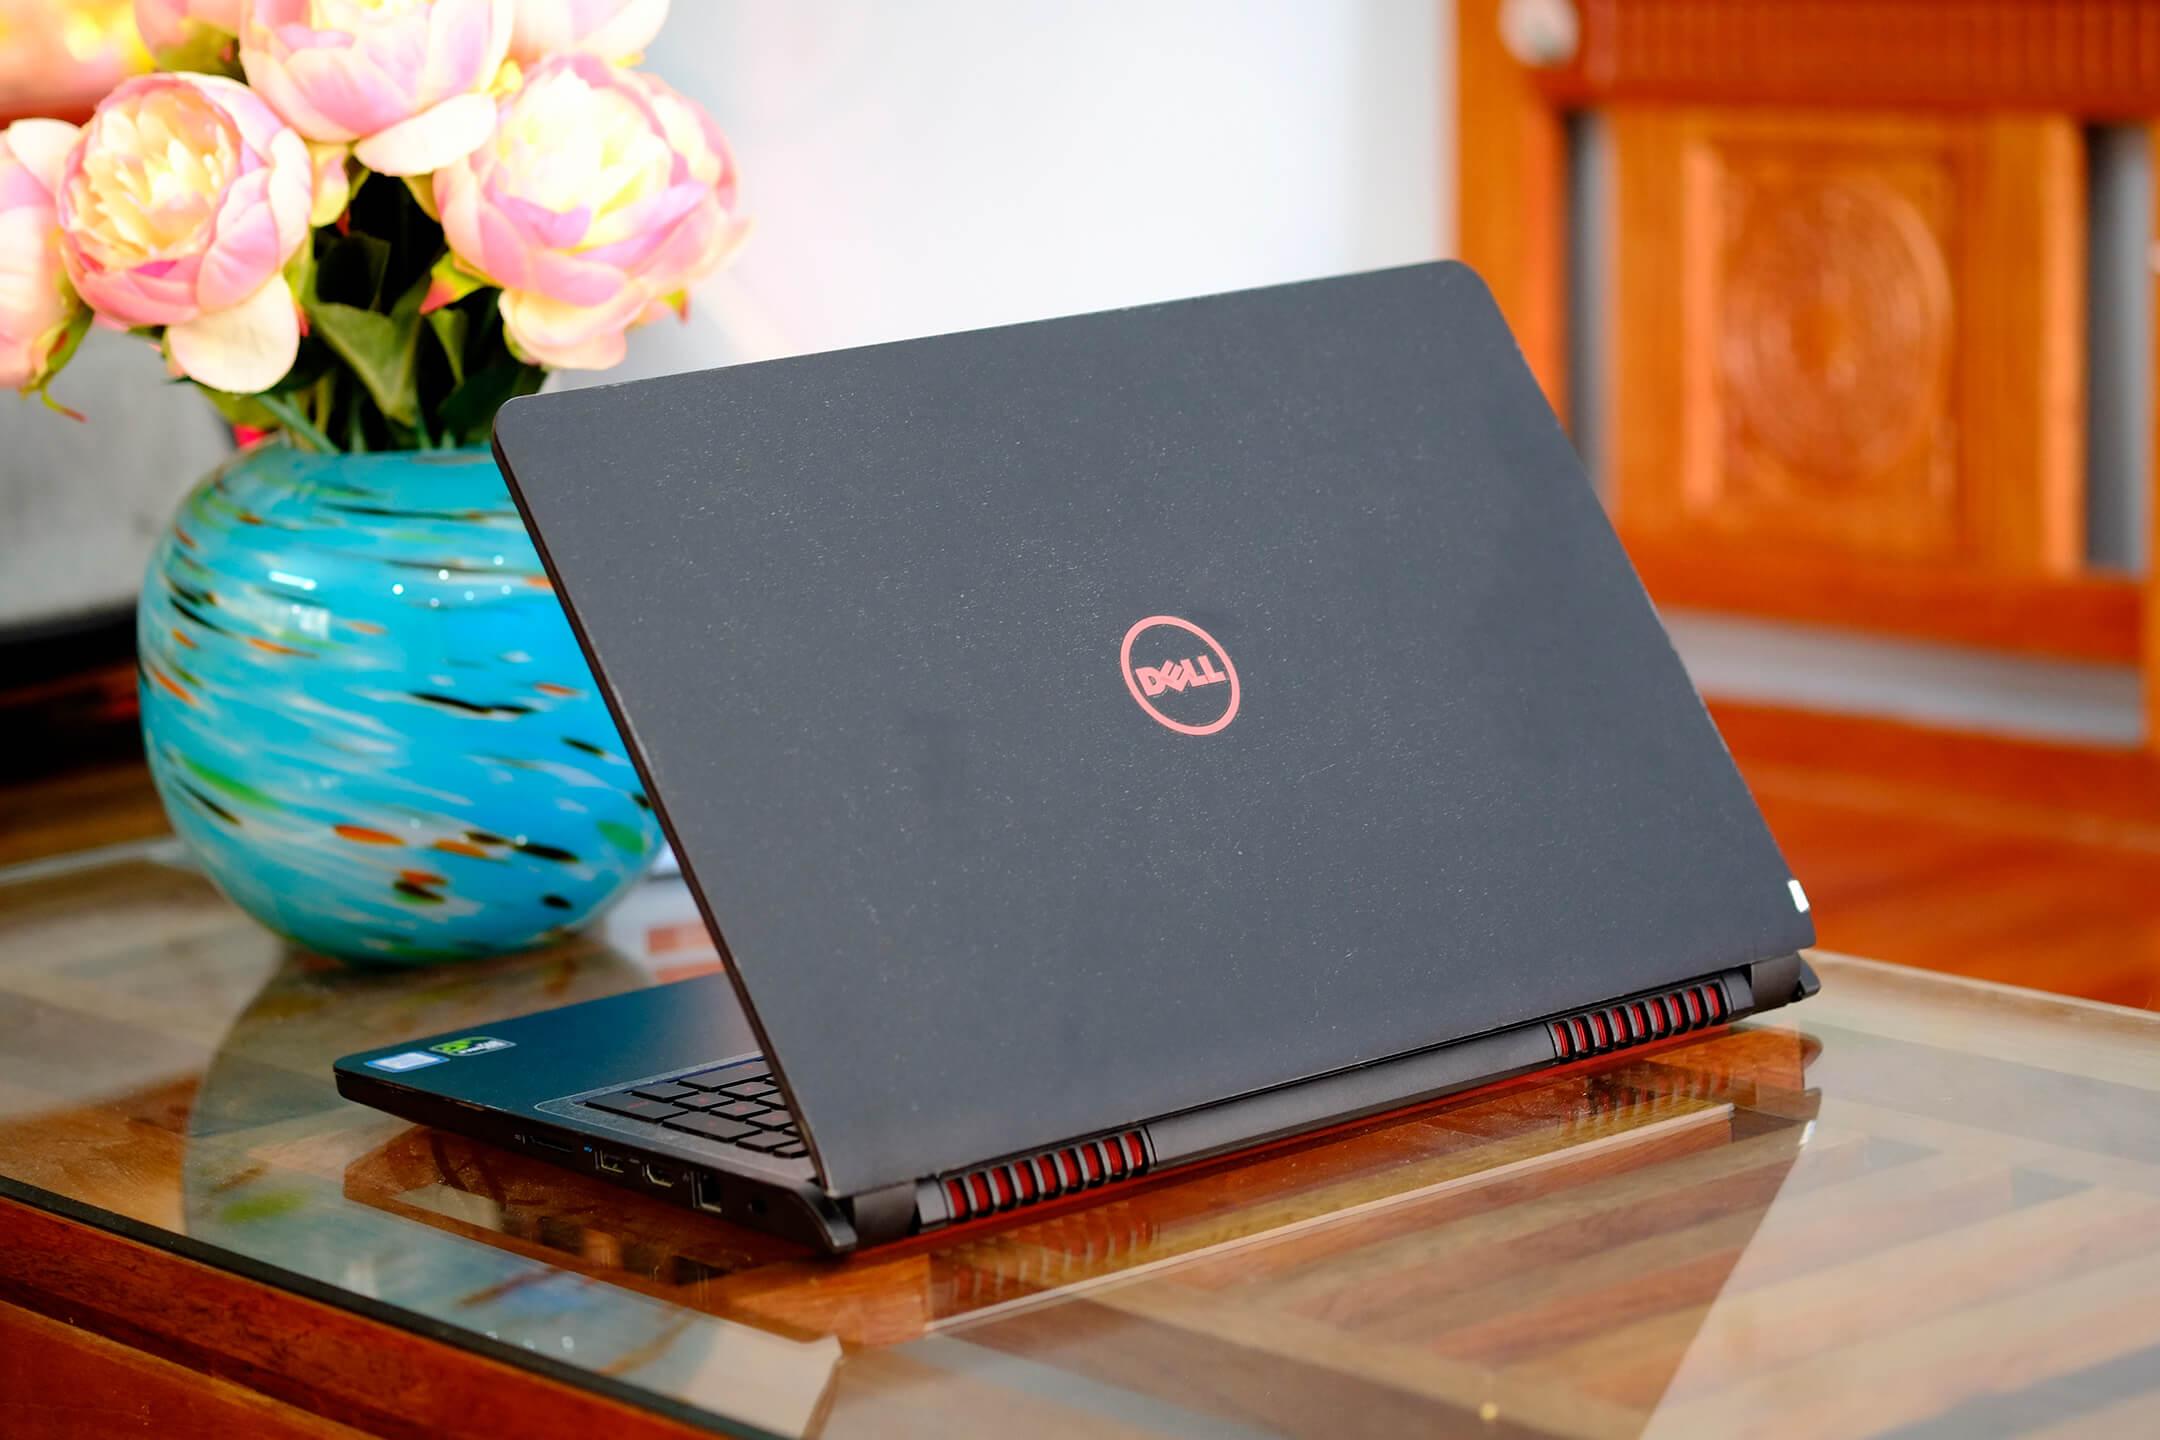 Dell 5577 07